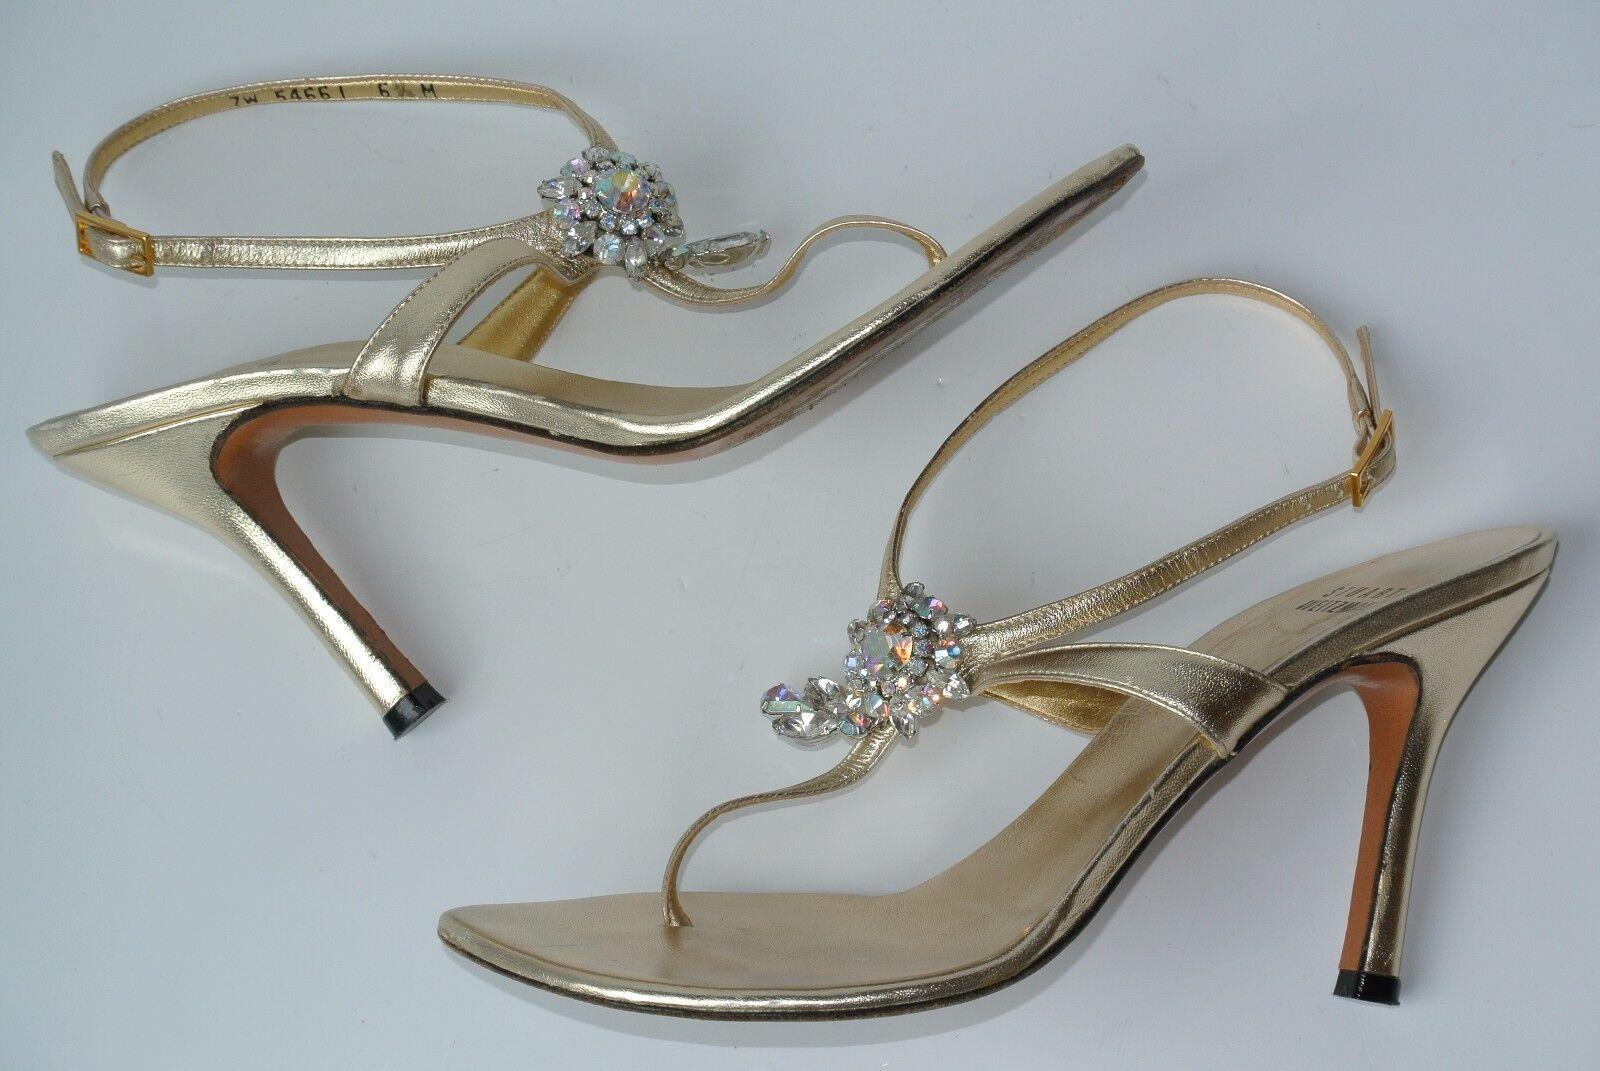 Stuart Weitzman Donna 6.5 M Gold Pelle Rhinestone Strappy Heels Pumps NICE!!